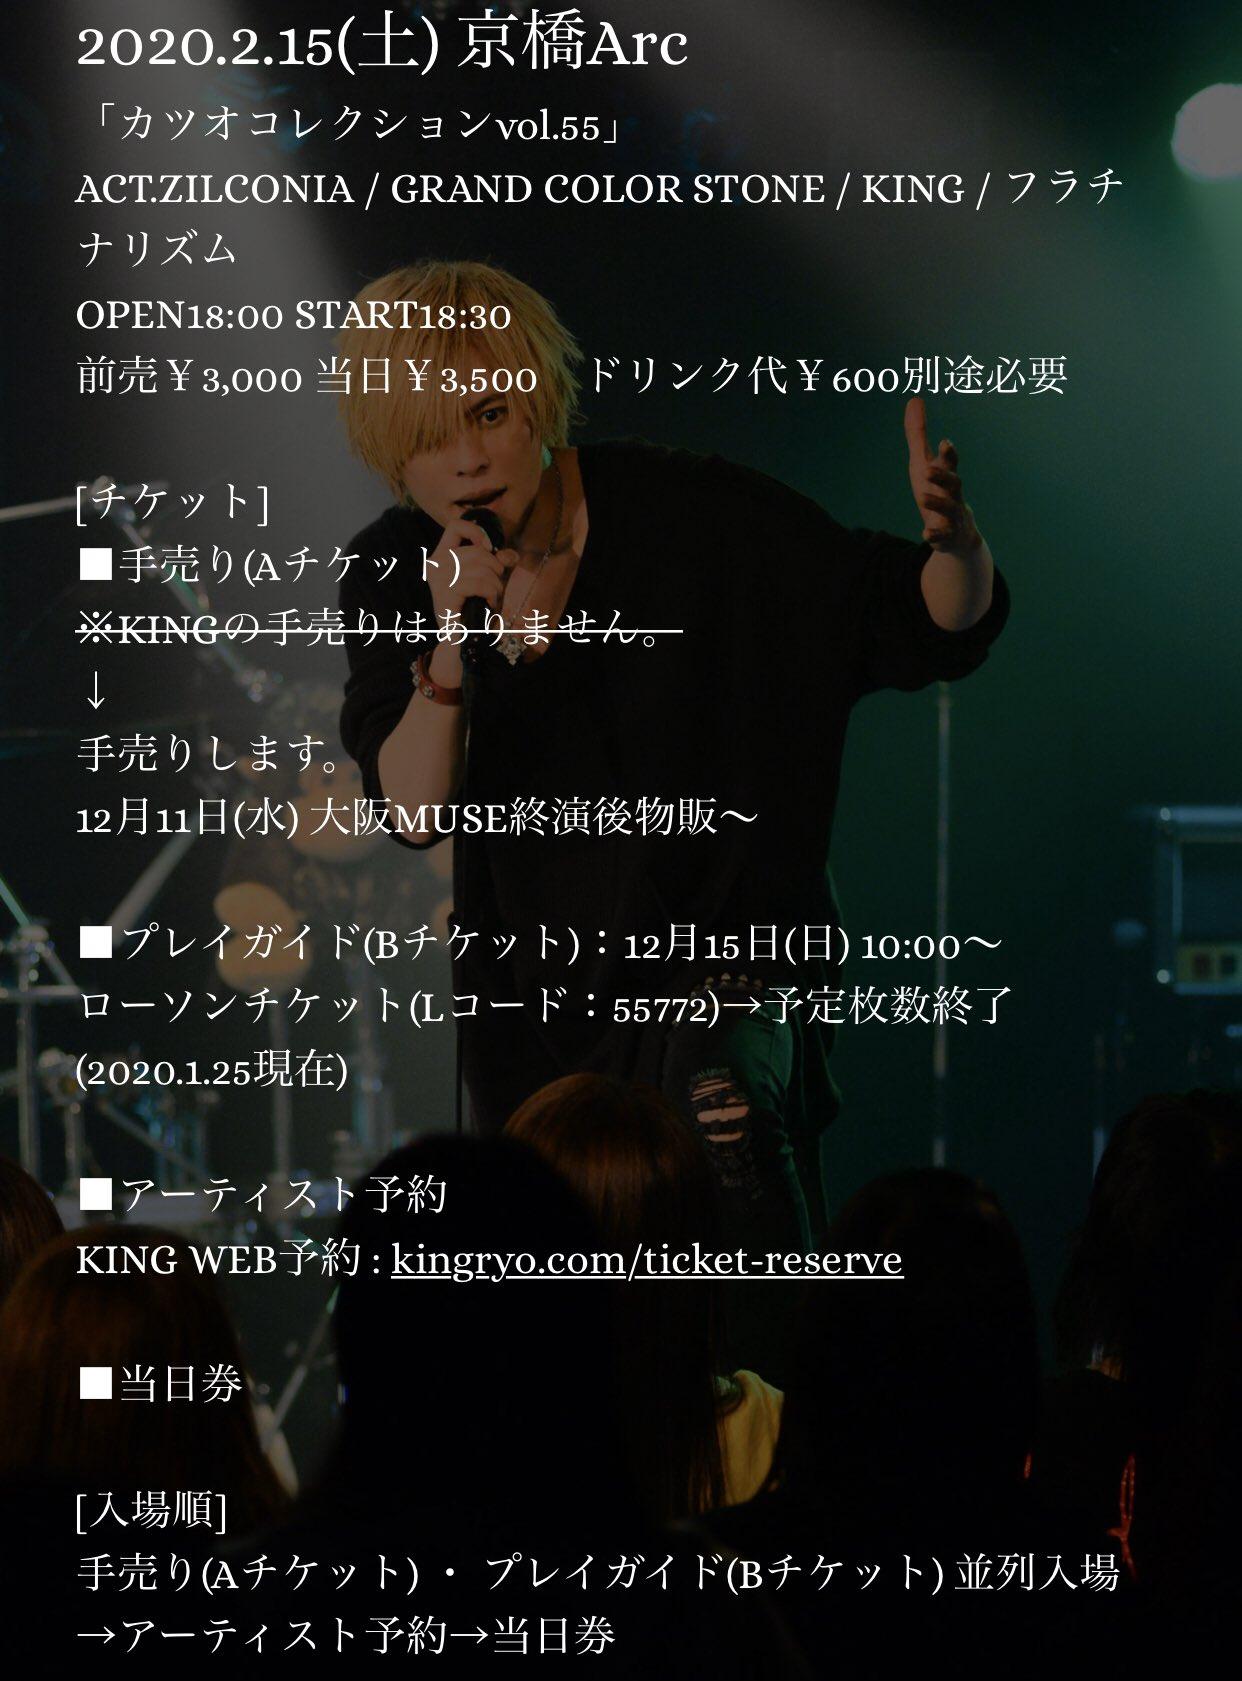 画像,【NEXT】2020.2.15(土) 京橋Arc「カツオコレクションvol.55」OPEN18:00 START18:30前売¥3,000 当日¥3,500 D…